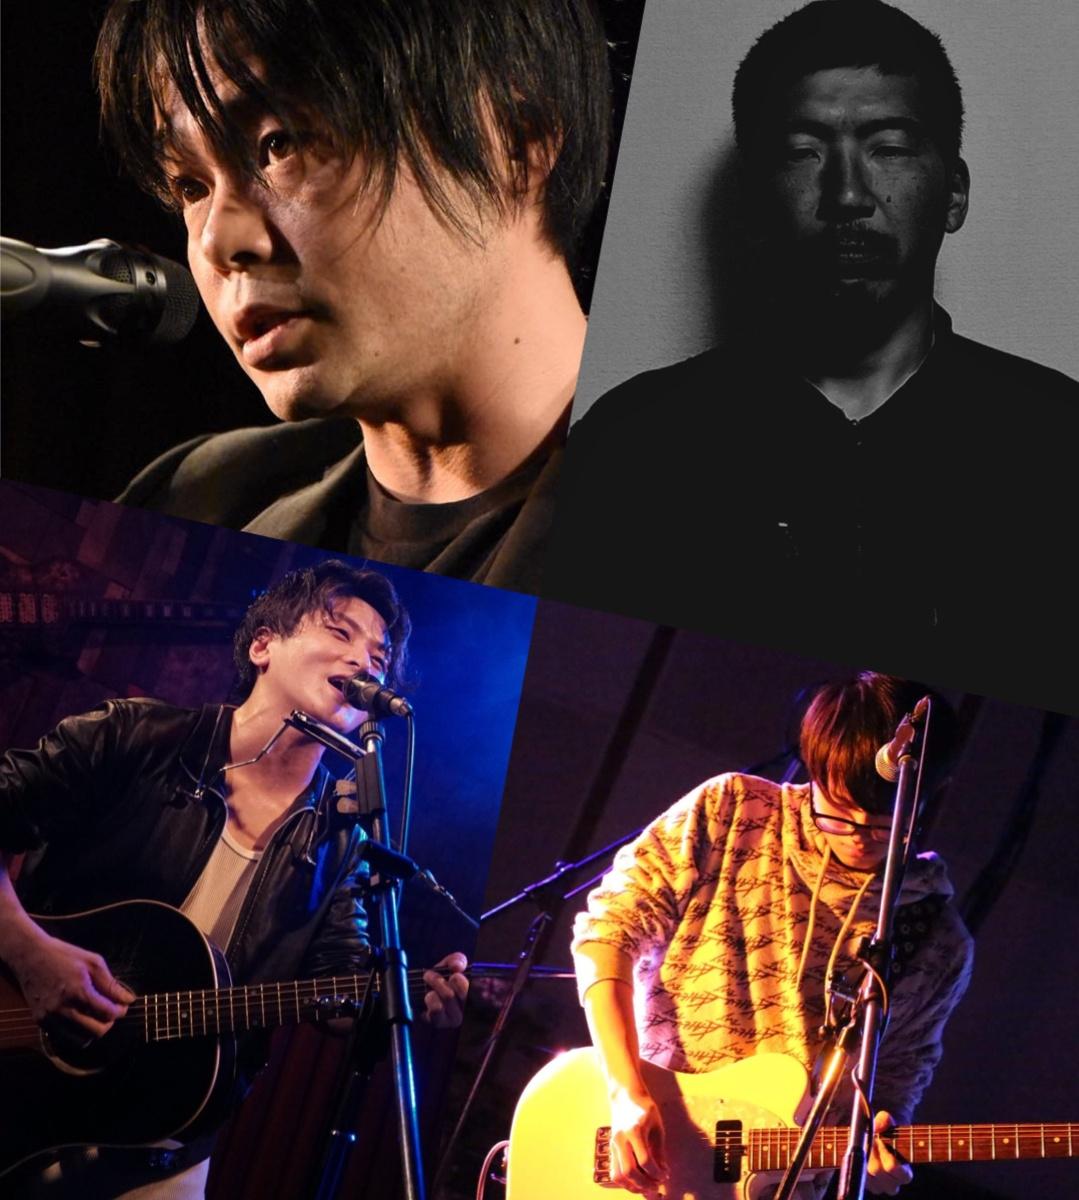 [無観客配信]『TIGHTROPE』 出演:馬油 / 荒木林太郎 / 赤澤草弥 / 天野孝星